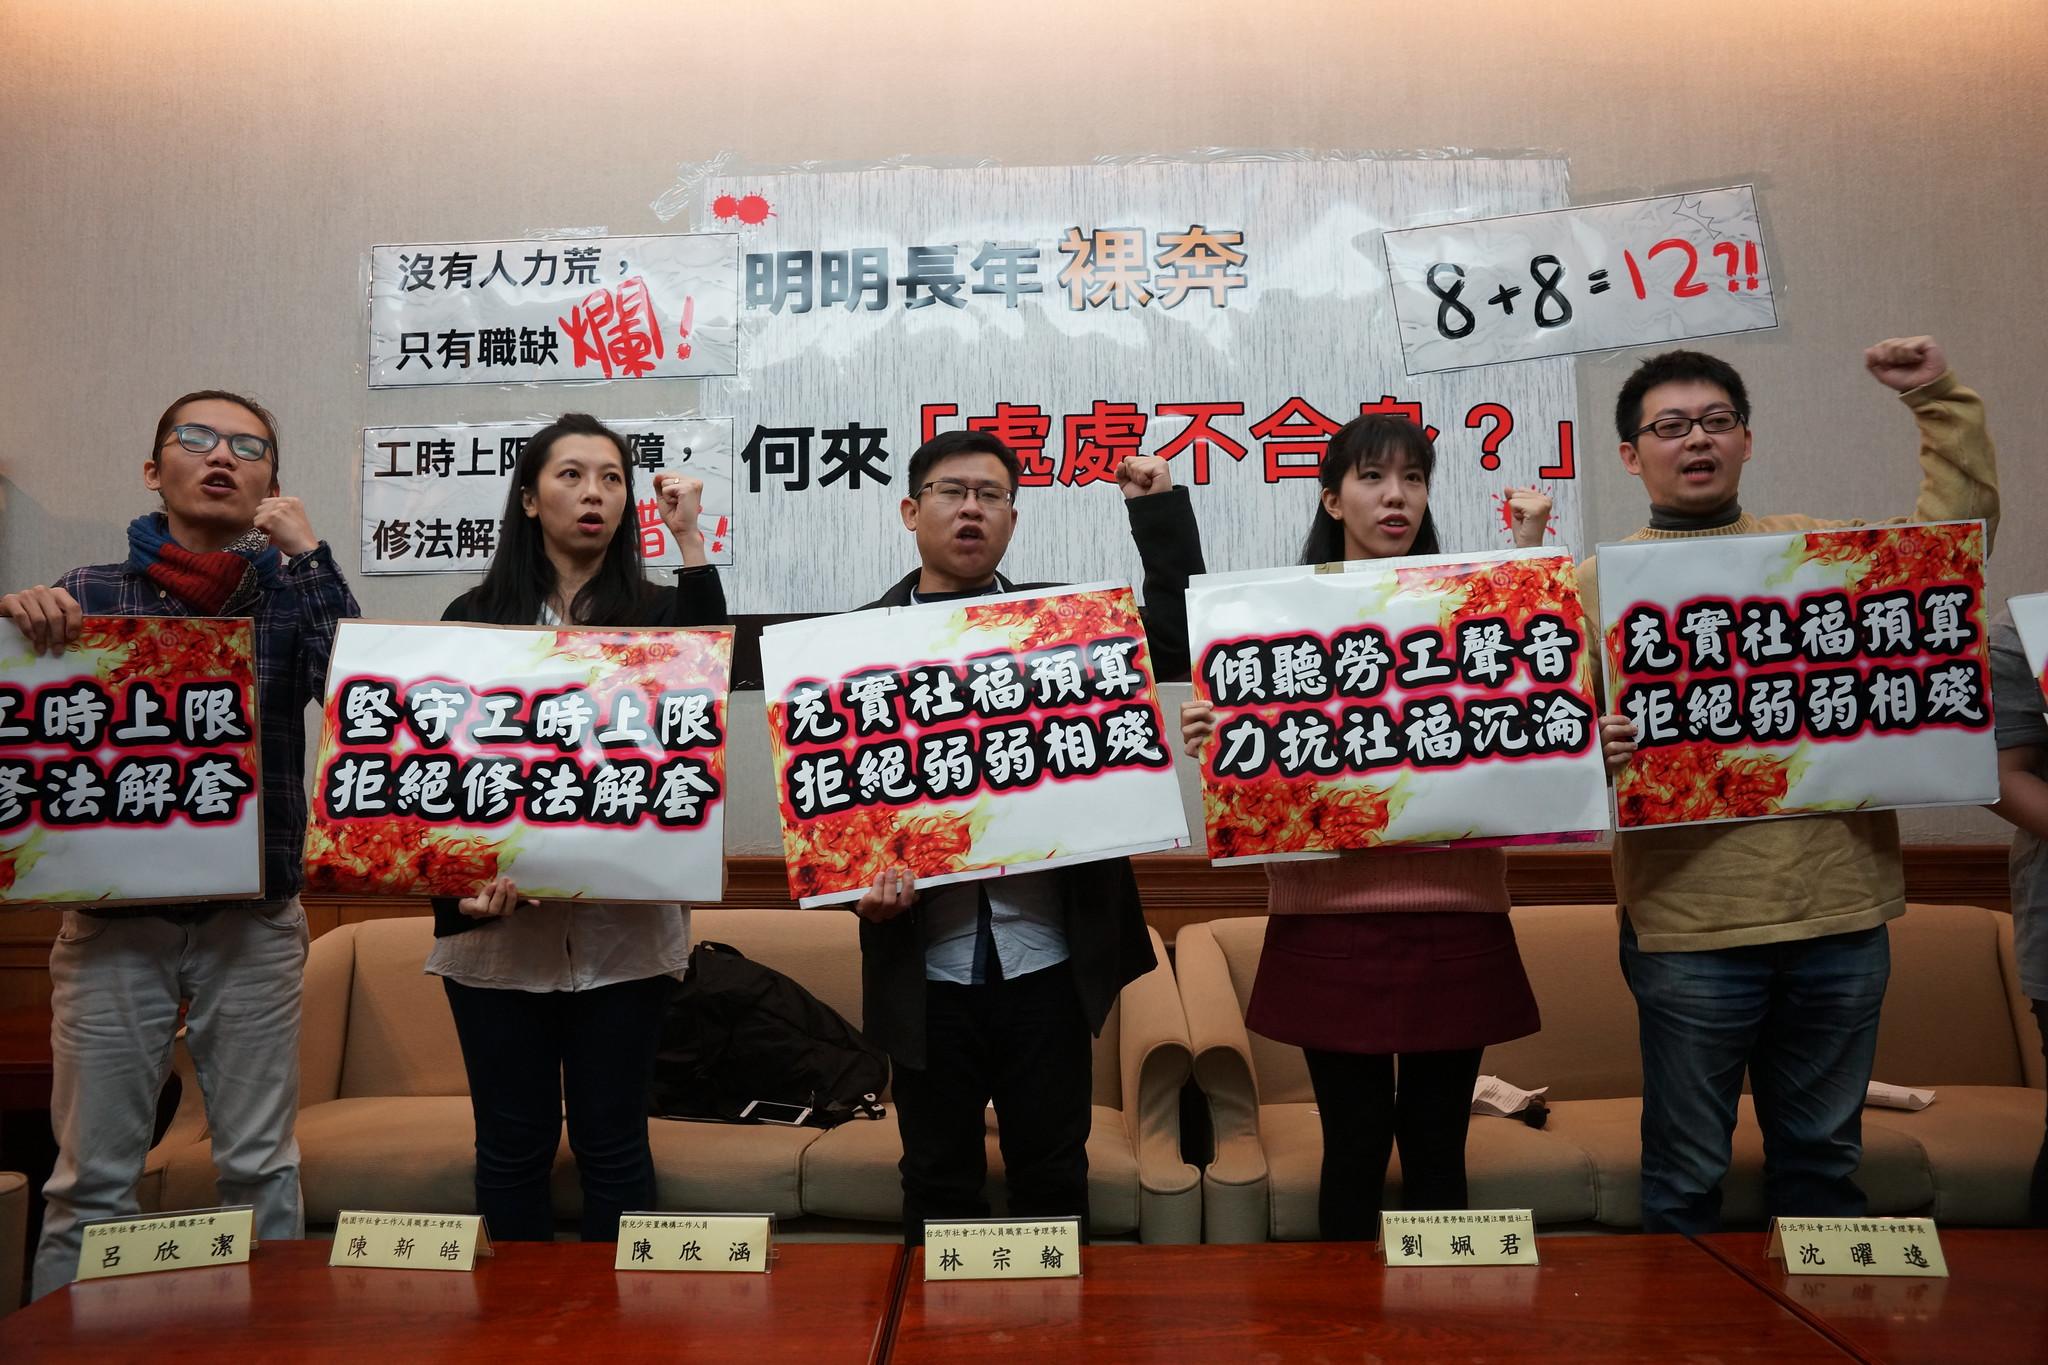 全台社工工會聯合召開記者會,呼籲社福機構遵守《勞基法》。(攝影:王顥中)